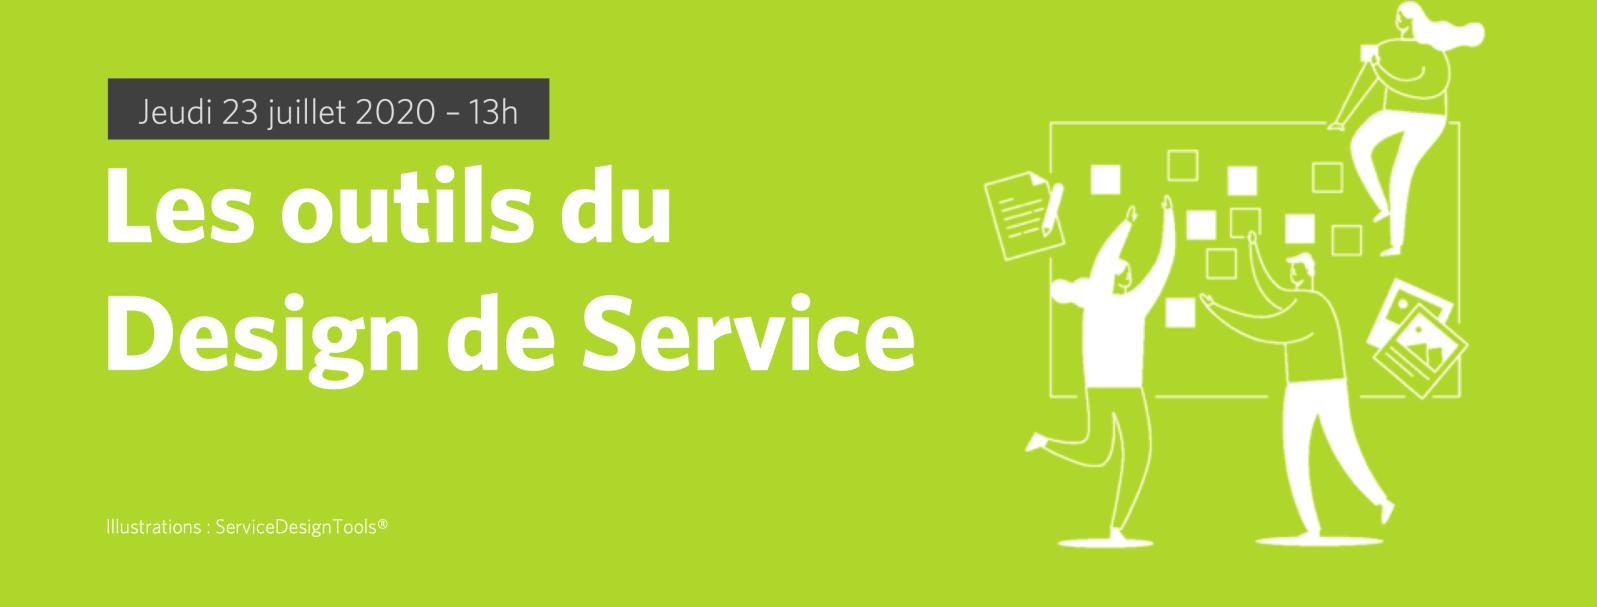 [Meetup] Les outils du Design de Service